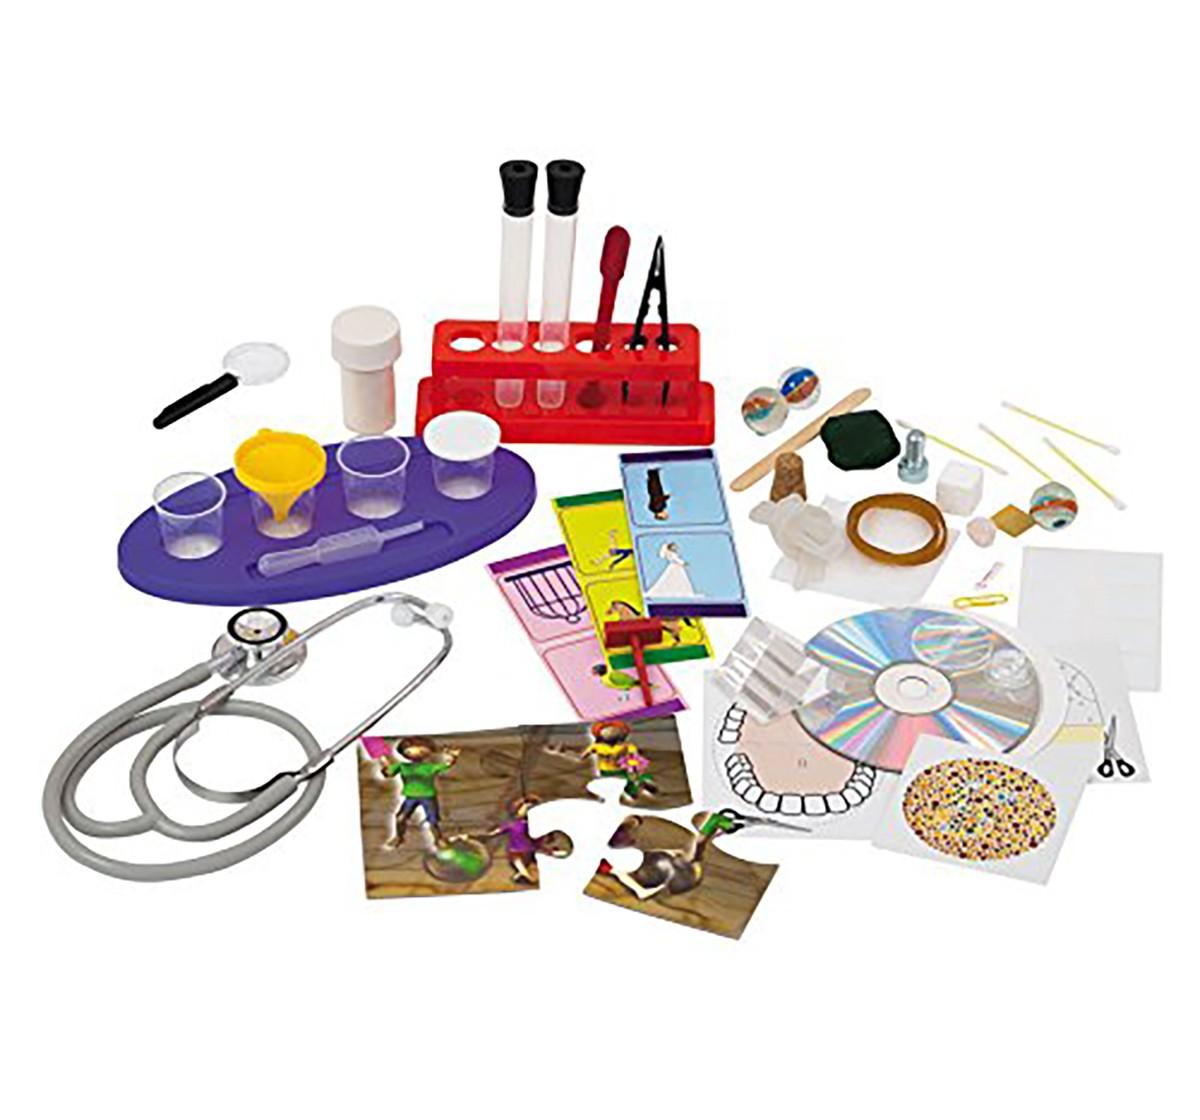 Edu Science My Senses Science Kits for Kids age 5Y+